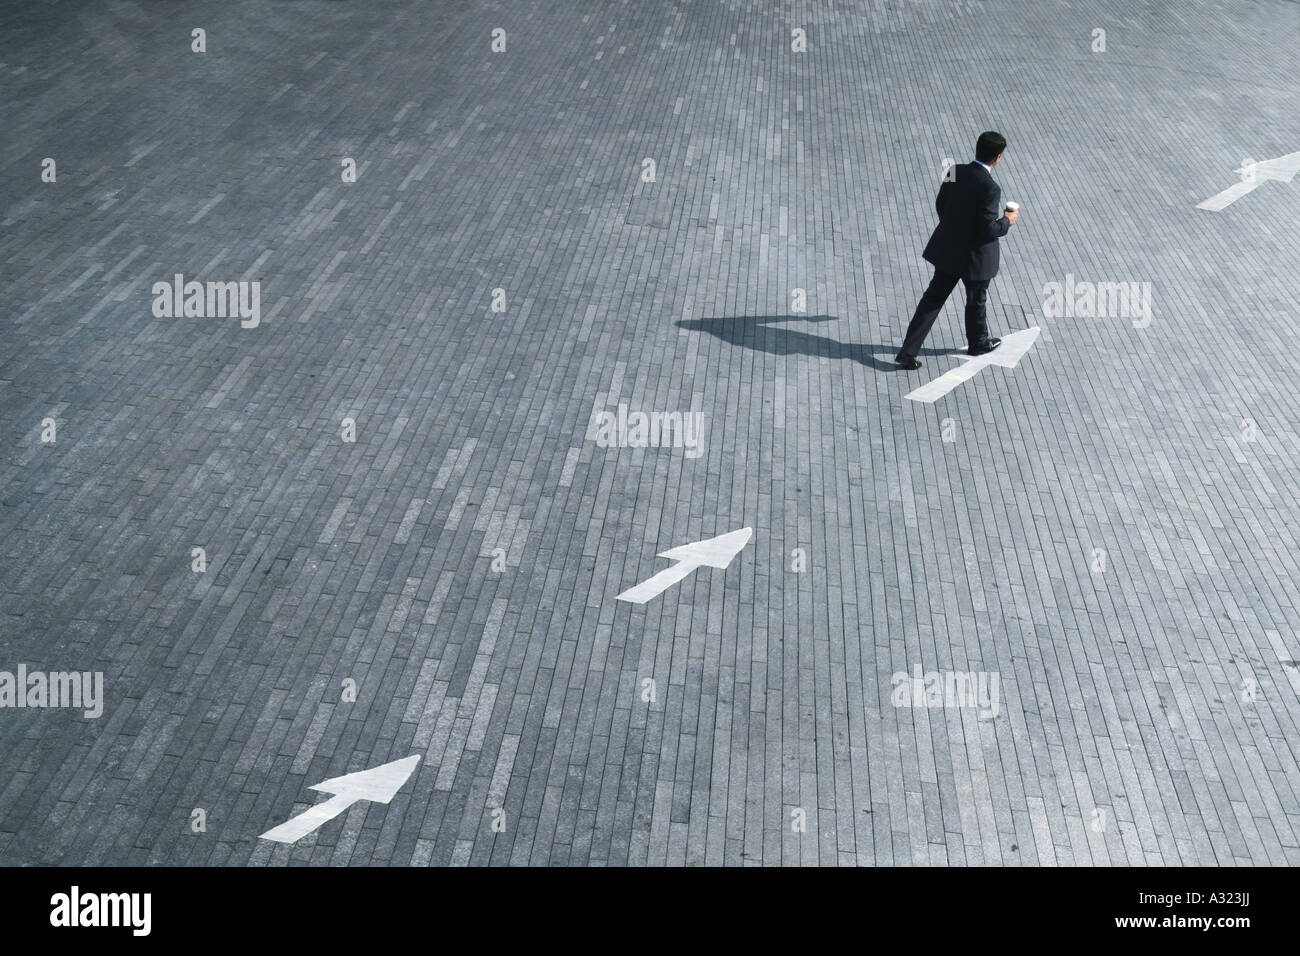 Il concetto di business di un uomo seguendo il senso delle frecce Immagini Stock